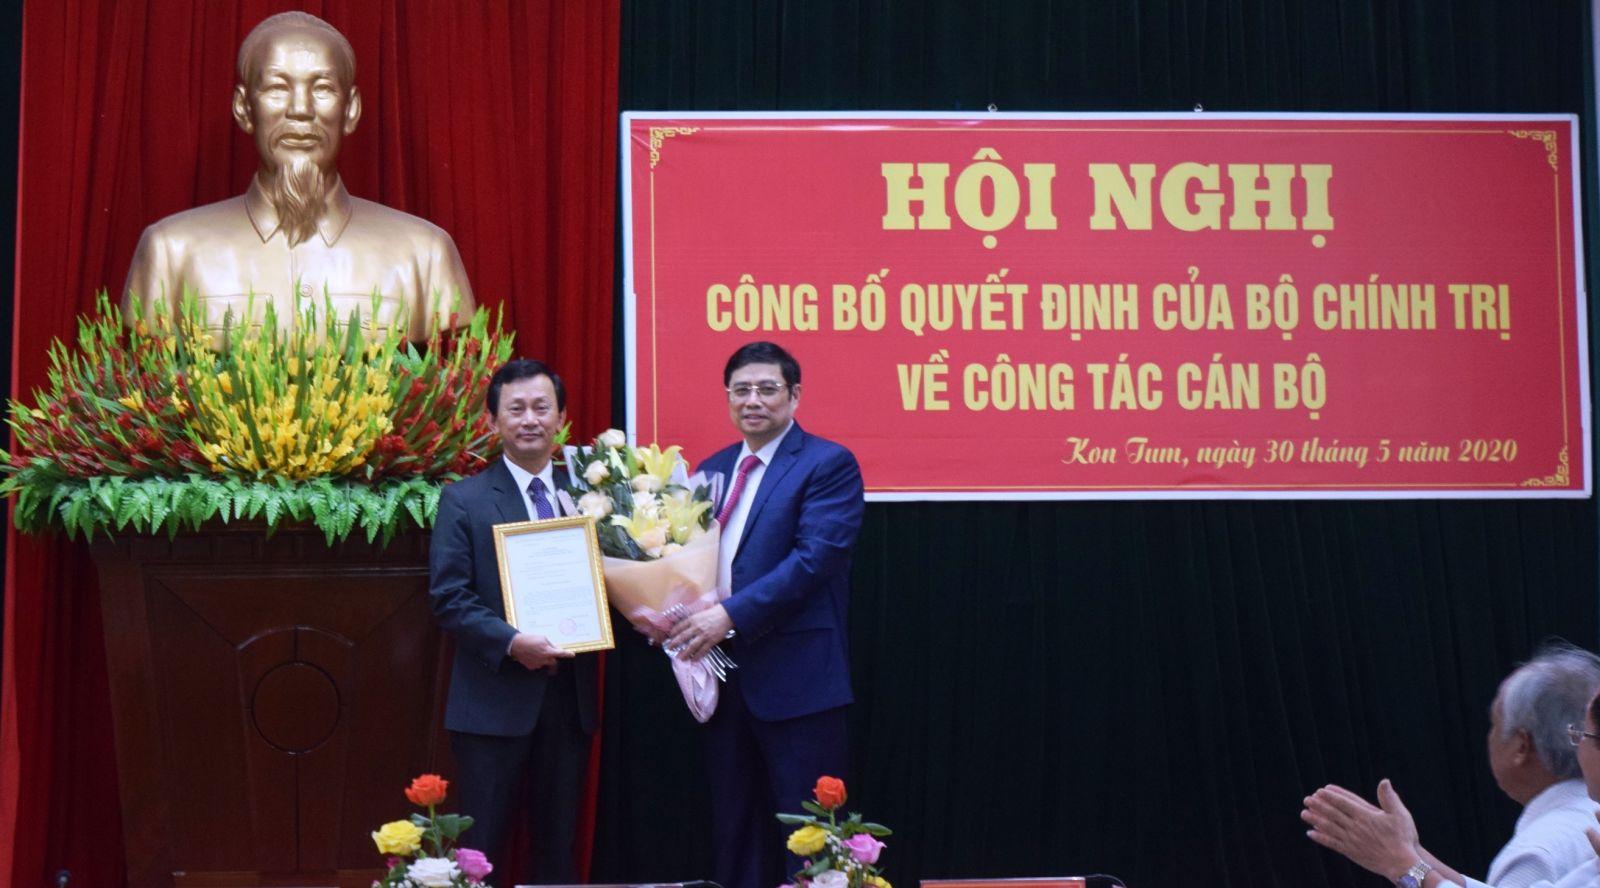 Đồng chí Phạm Minh Chính trao quyết định của Bộ Chính trị cho đồng chí Dương Văn Trang. Ảnh: VGP/Dương Nương